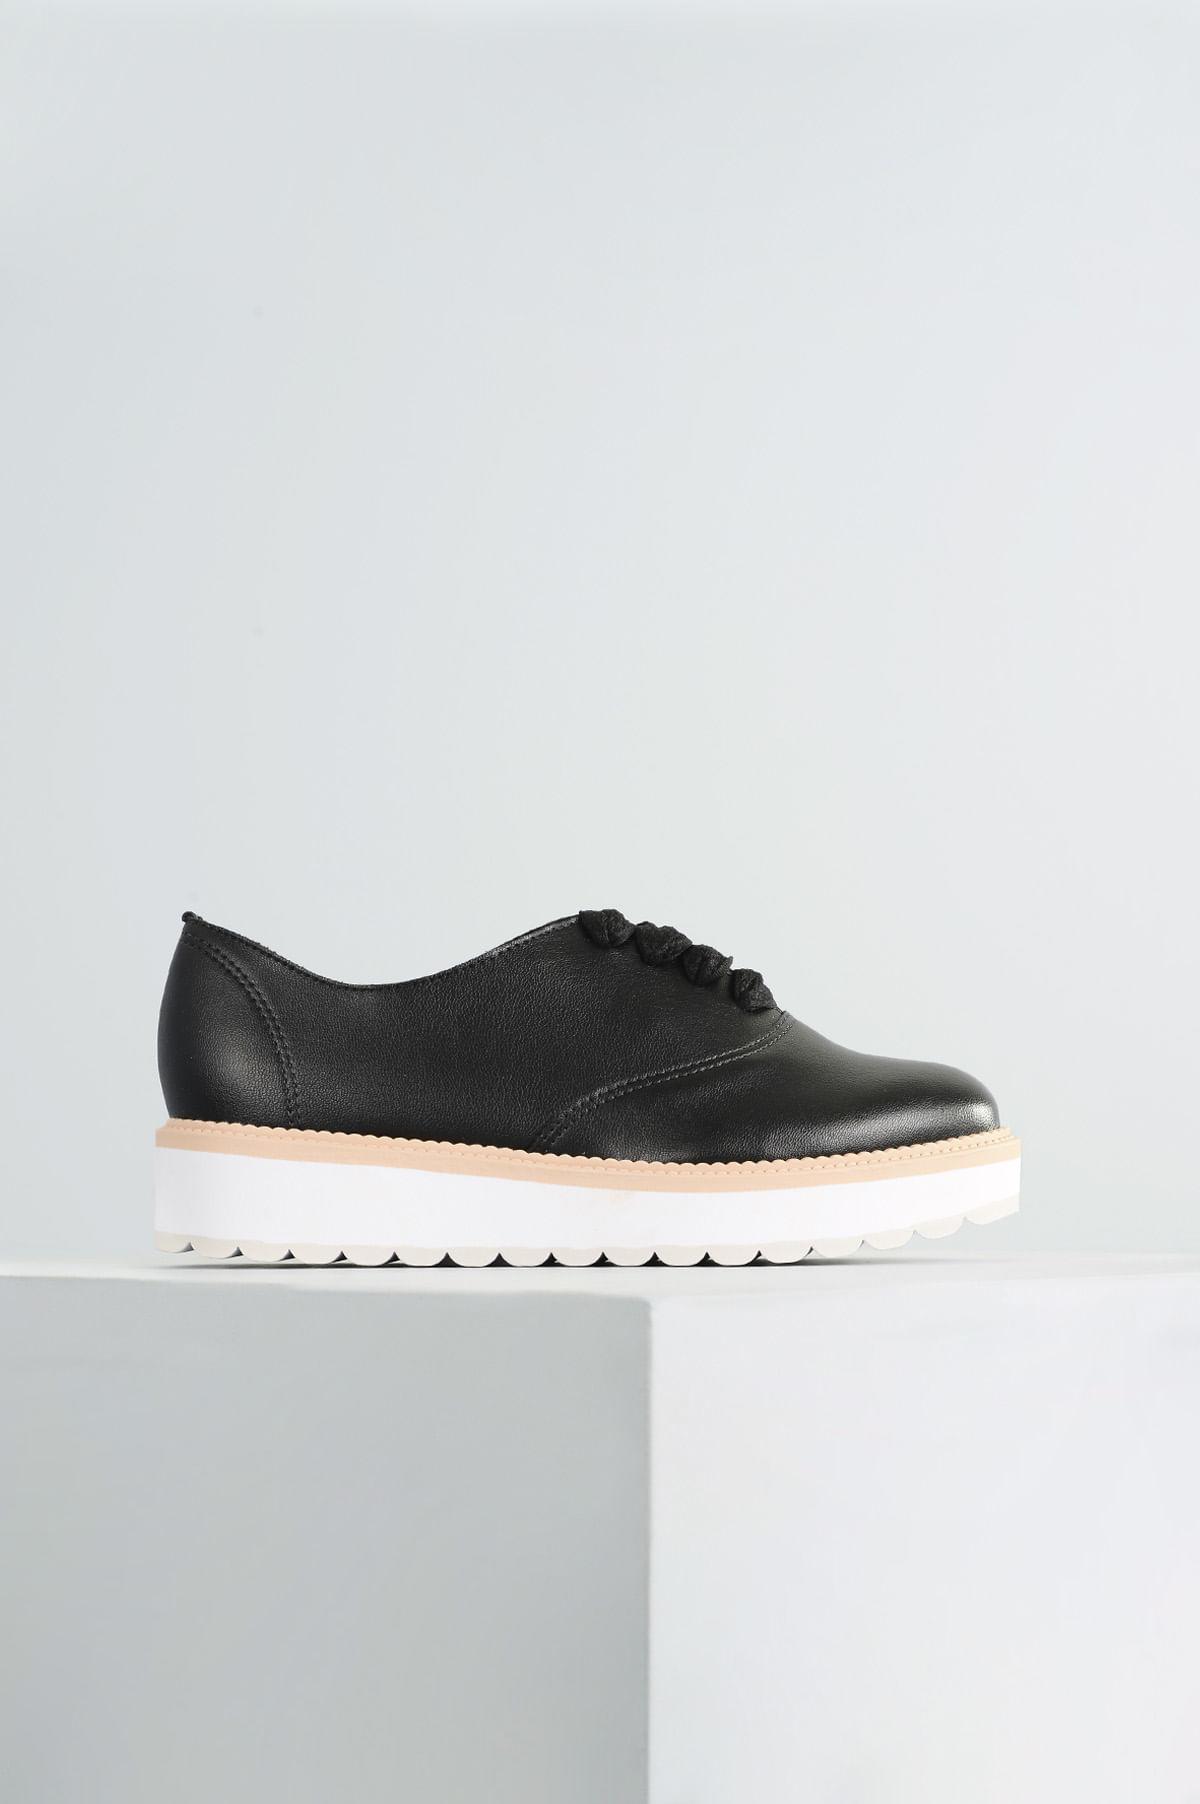 04389e80d4 Oxford Feminino Geany Beira Rio SINT - PRETO - Mundial Calçados